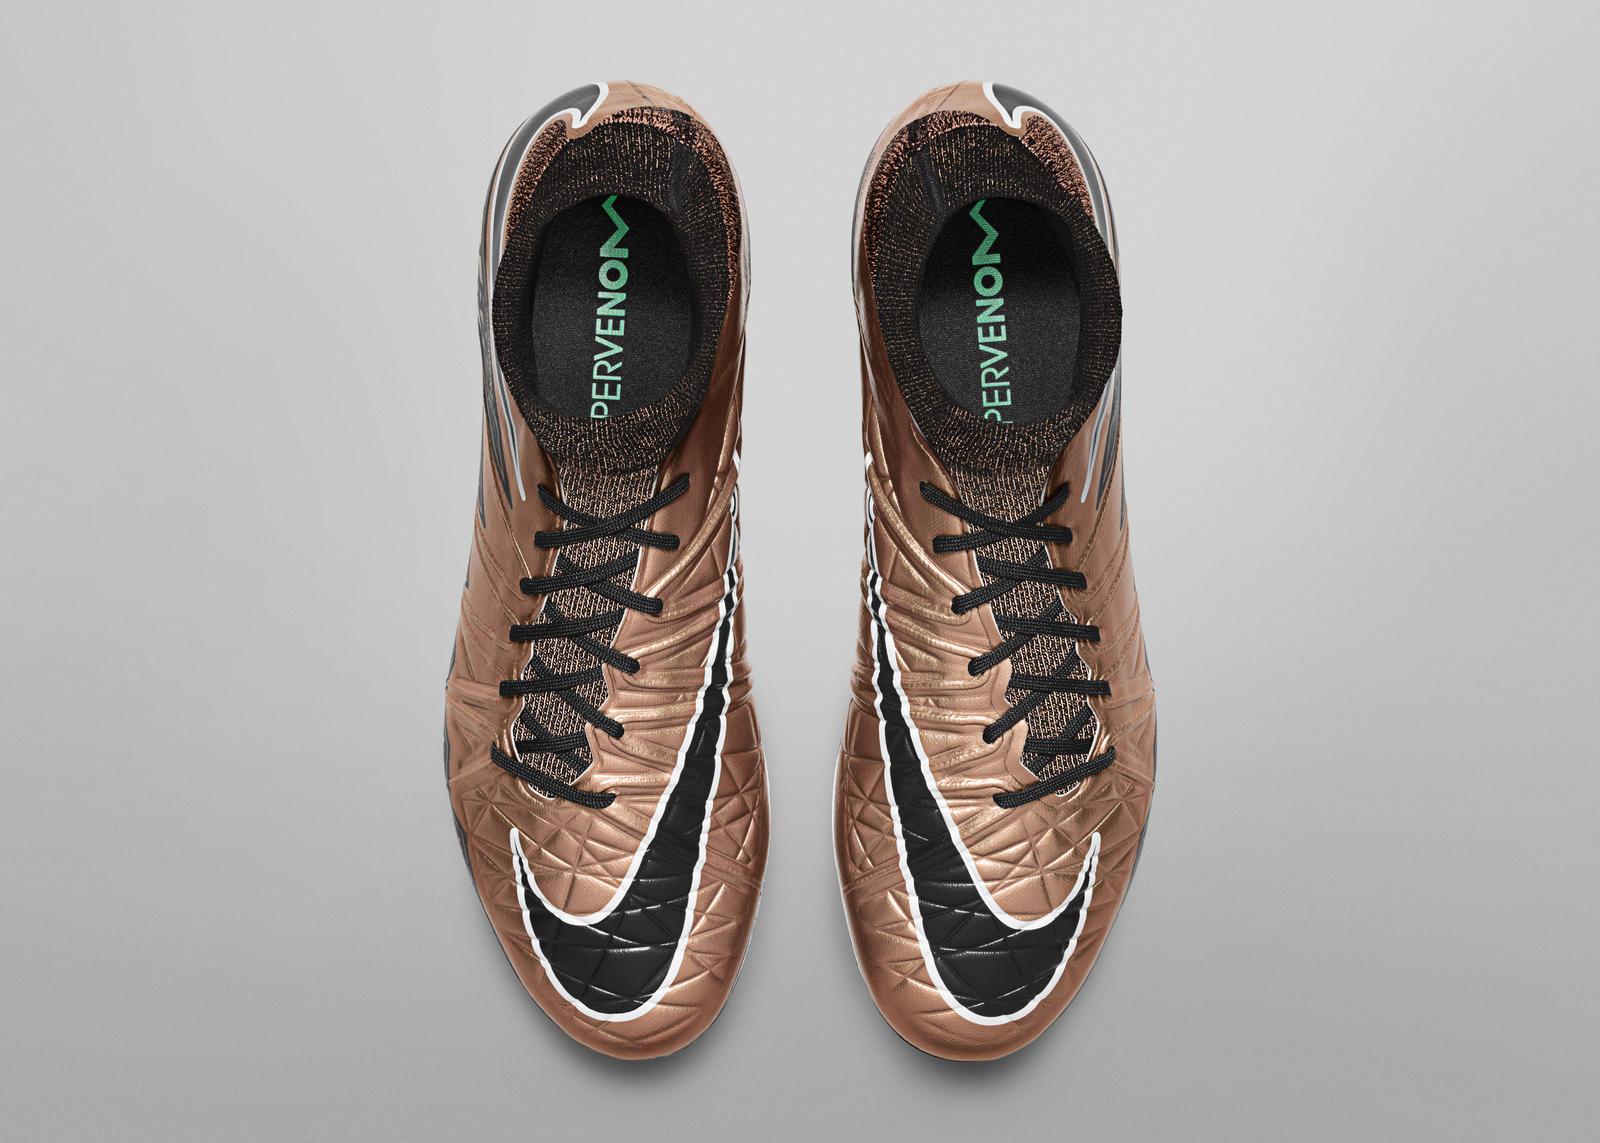 Nike_Football_LIQUID_CHROME_HYPERVENOM_PHANTOM_FG_747213_903_D_rectangle_1600.jpg?1446759659